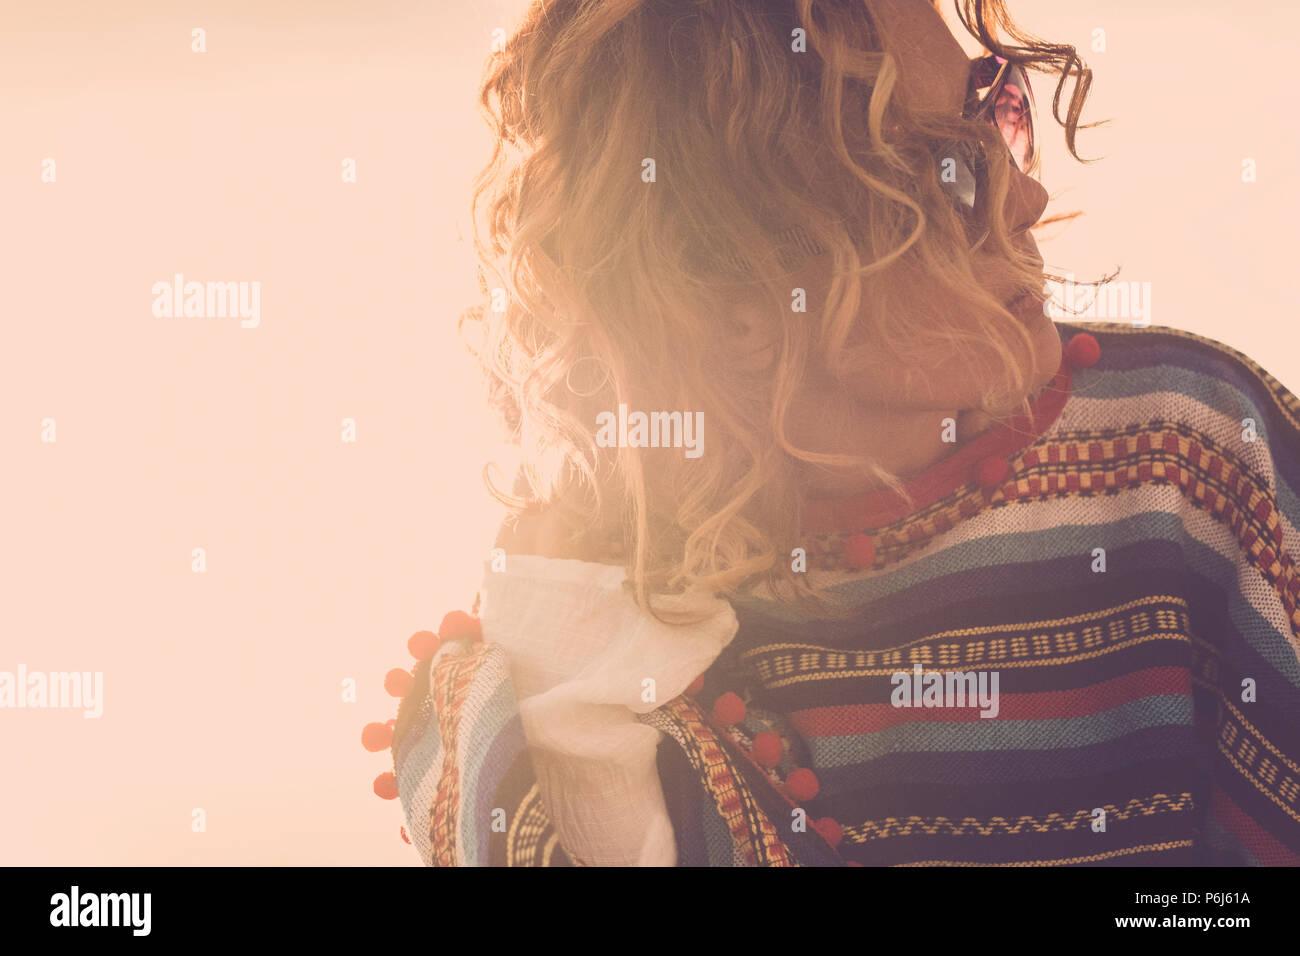 Hippy stile messicano Poncho indossa per il bellissimo modello medioevo bella donna outdoor con vento in aria e unglasses durante un golde tramonto. vintage Immagini Stock